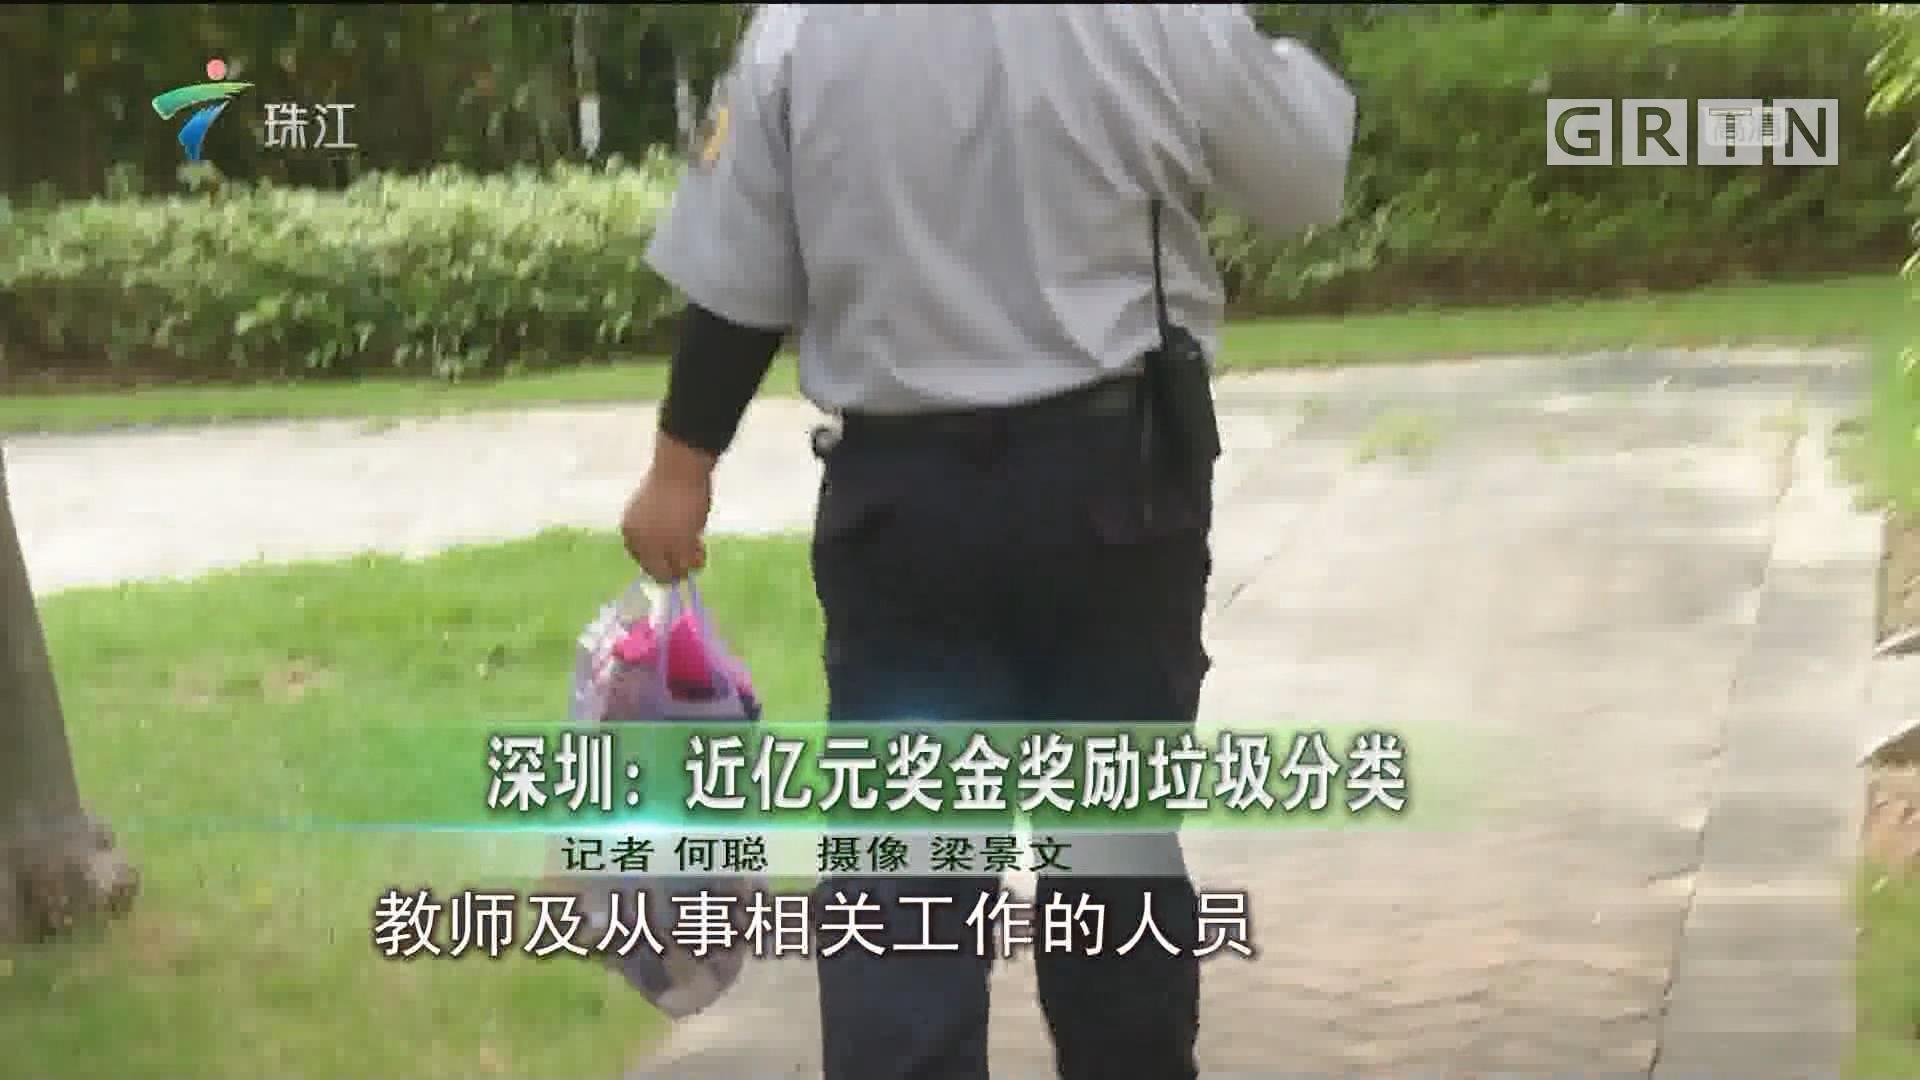 深圳:近亿元奖金奖励垃圾分类